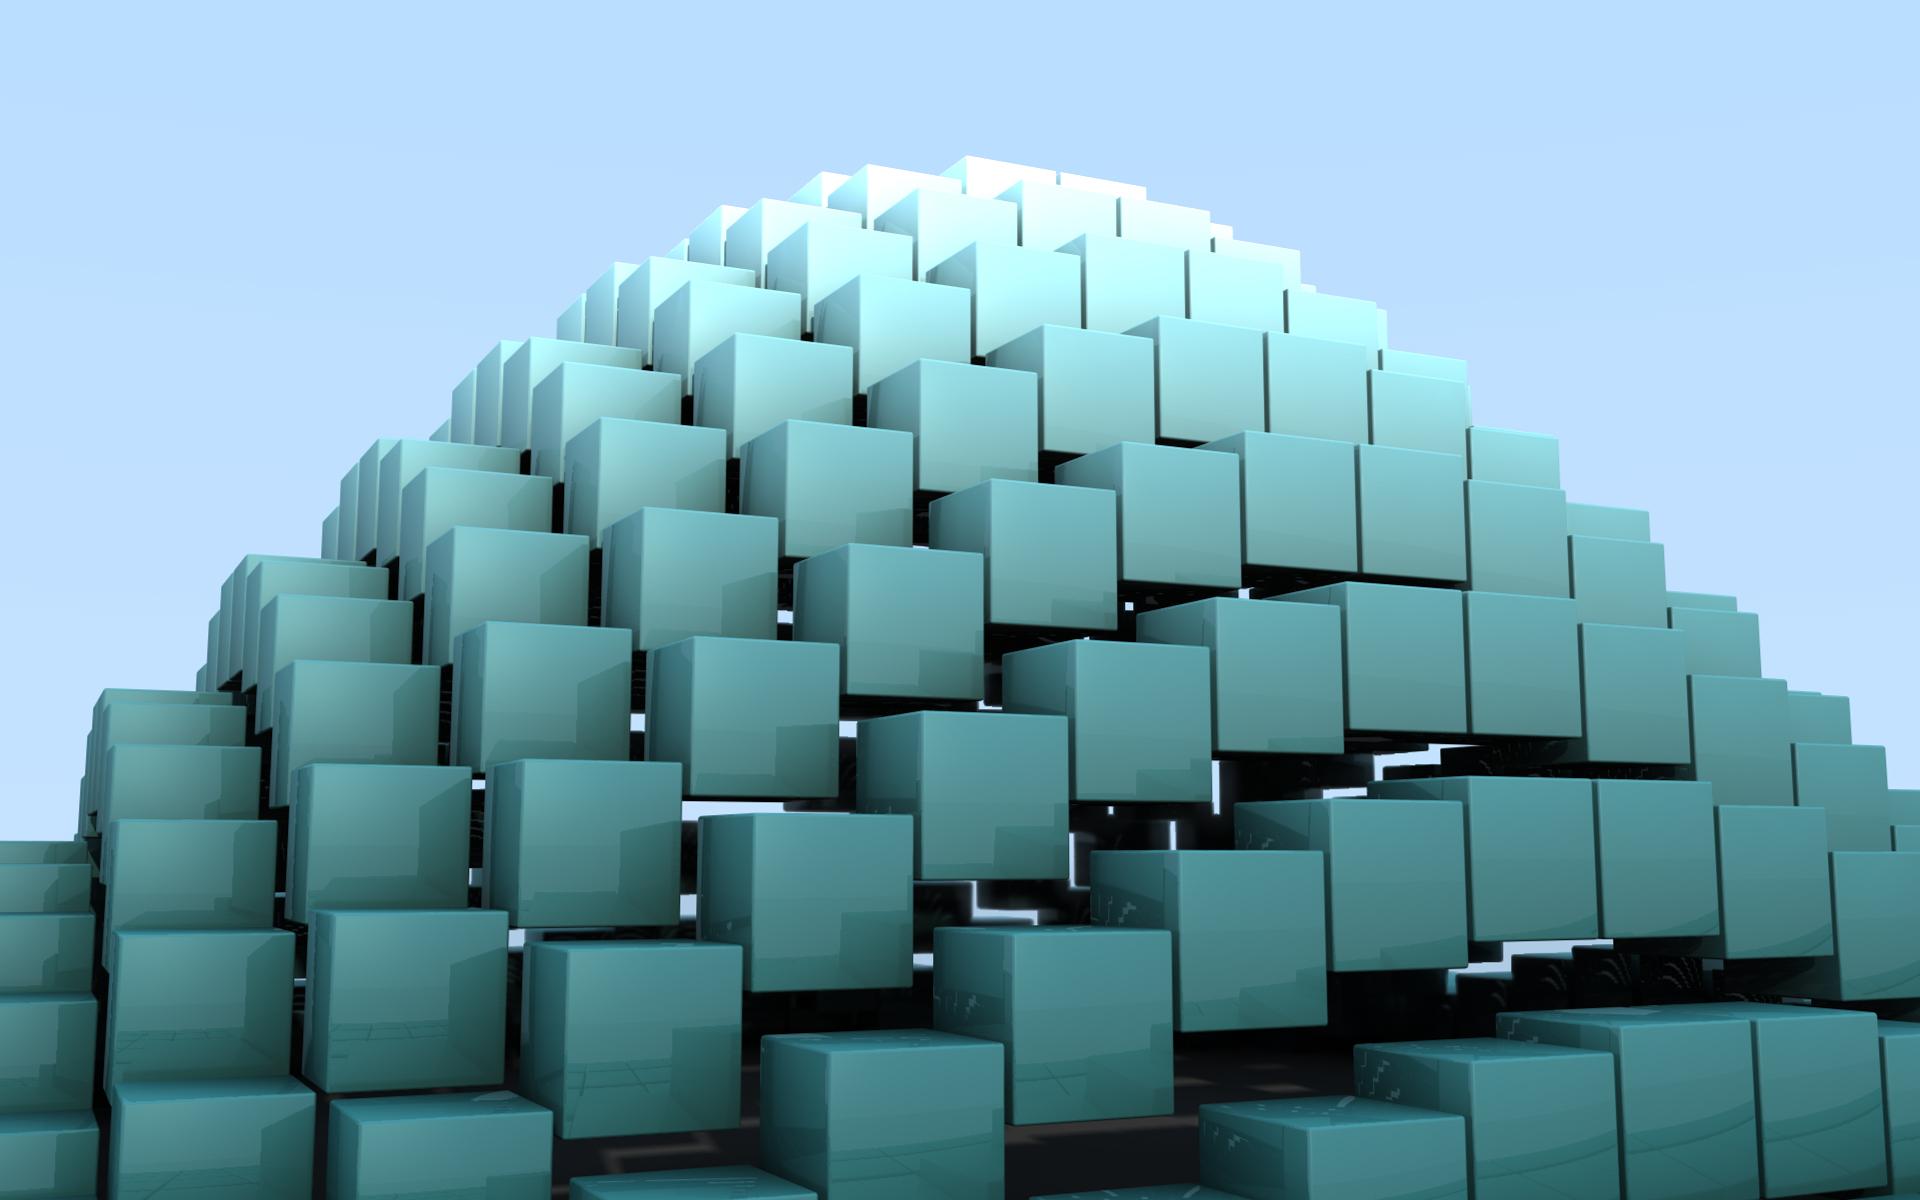 Original Cube 3d Wallpapers Cool Wallpaper1 1920x1200